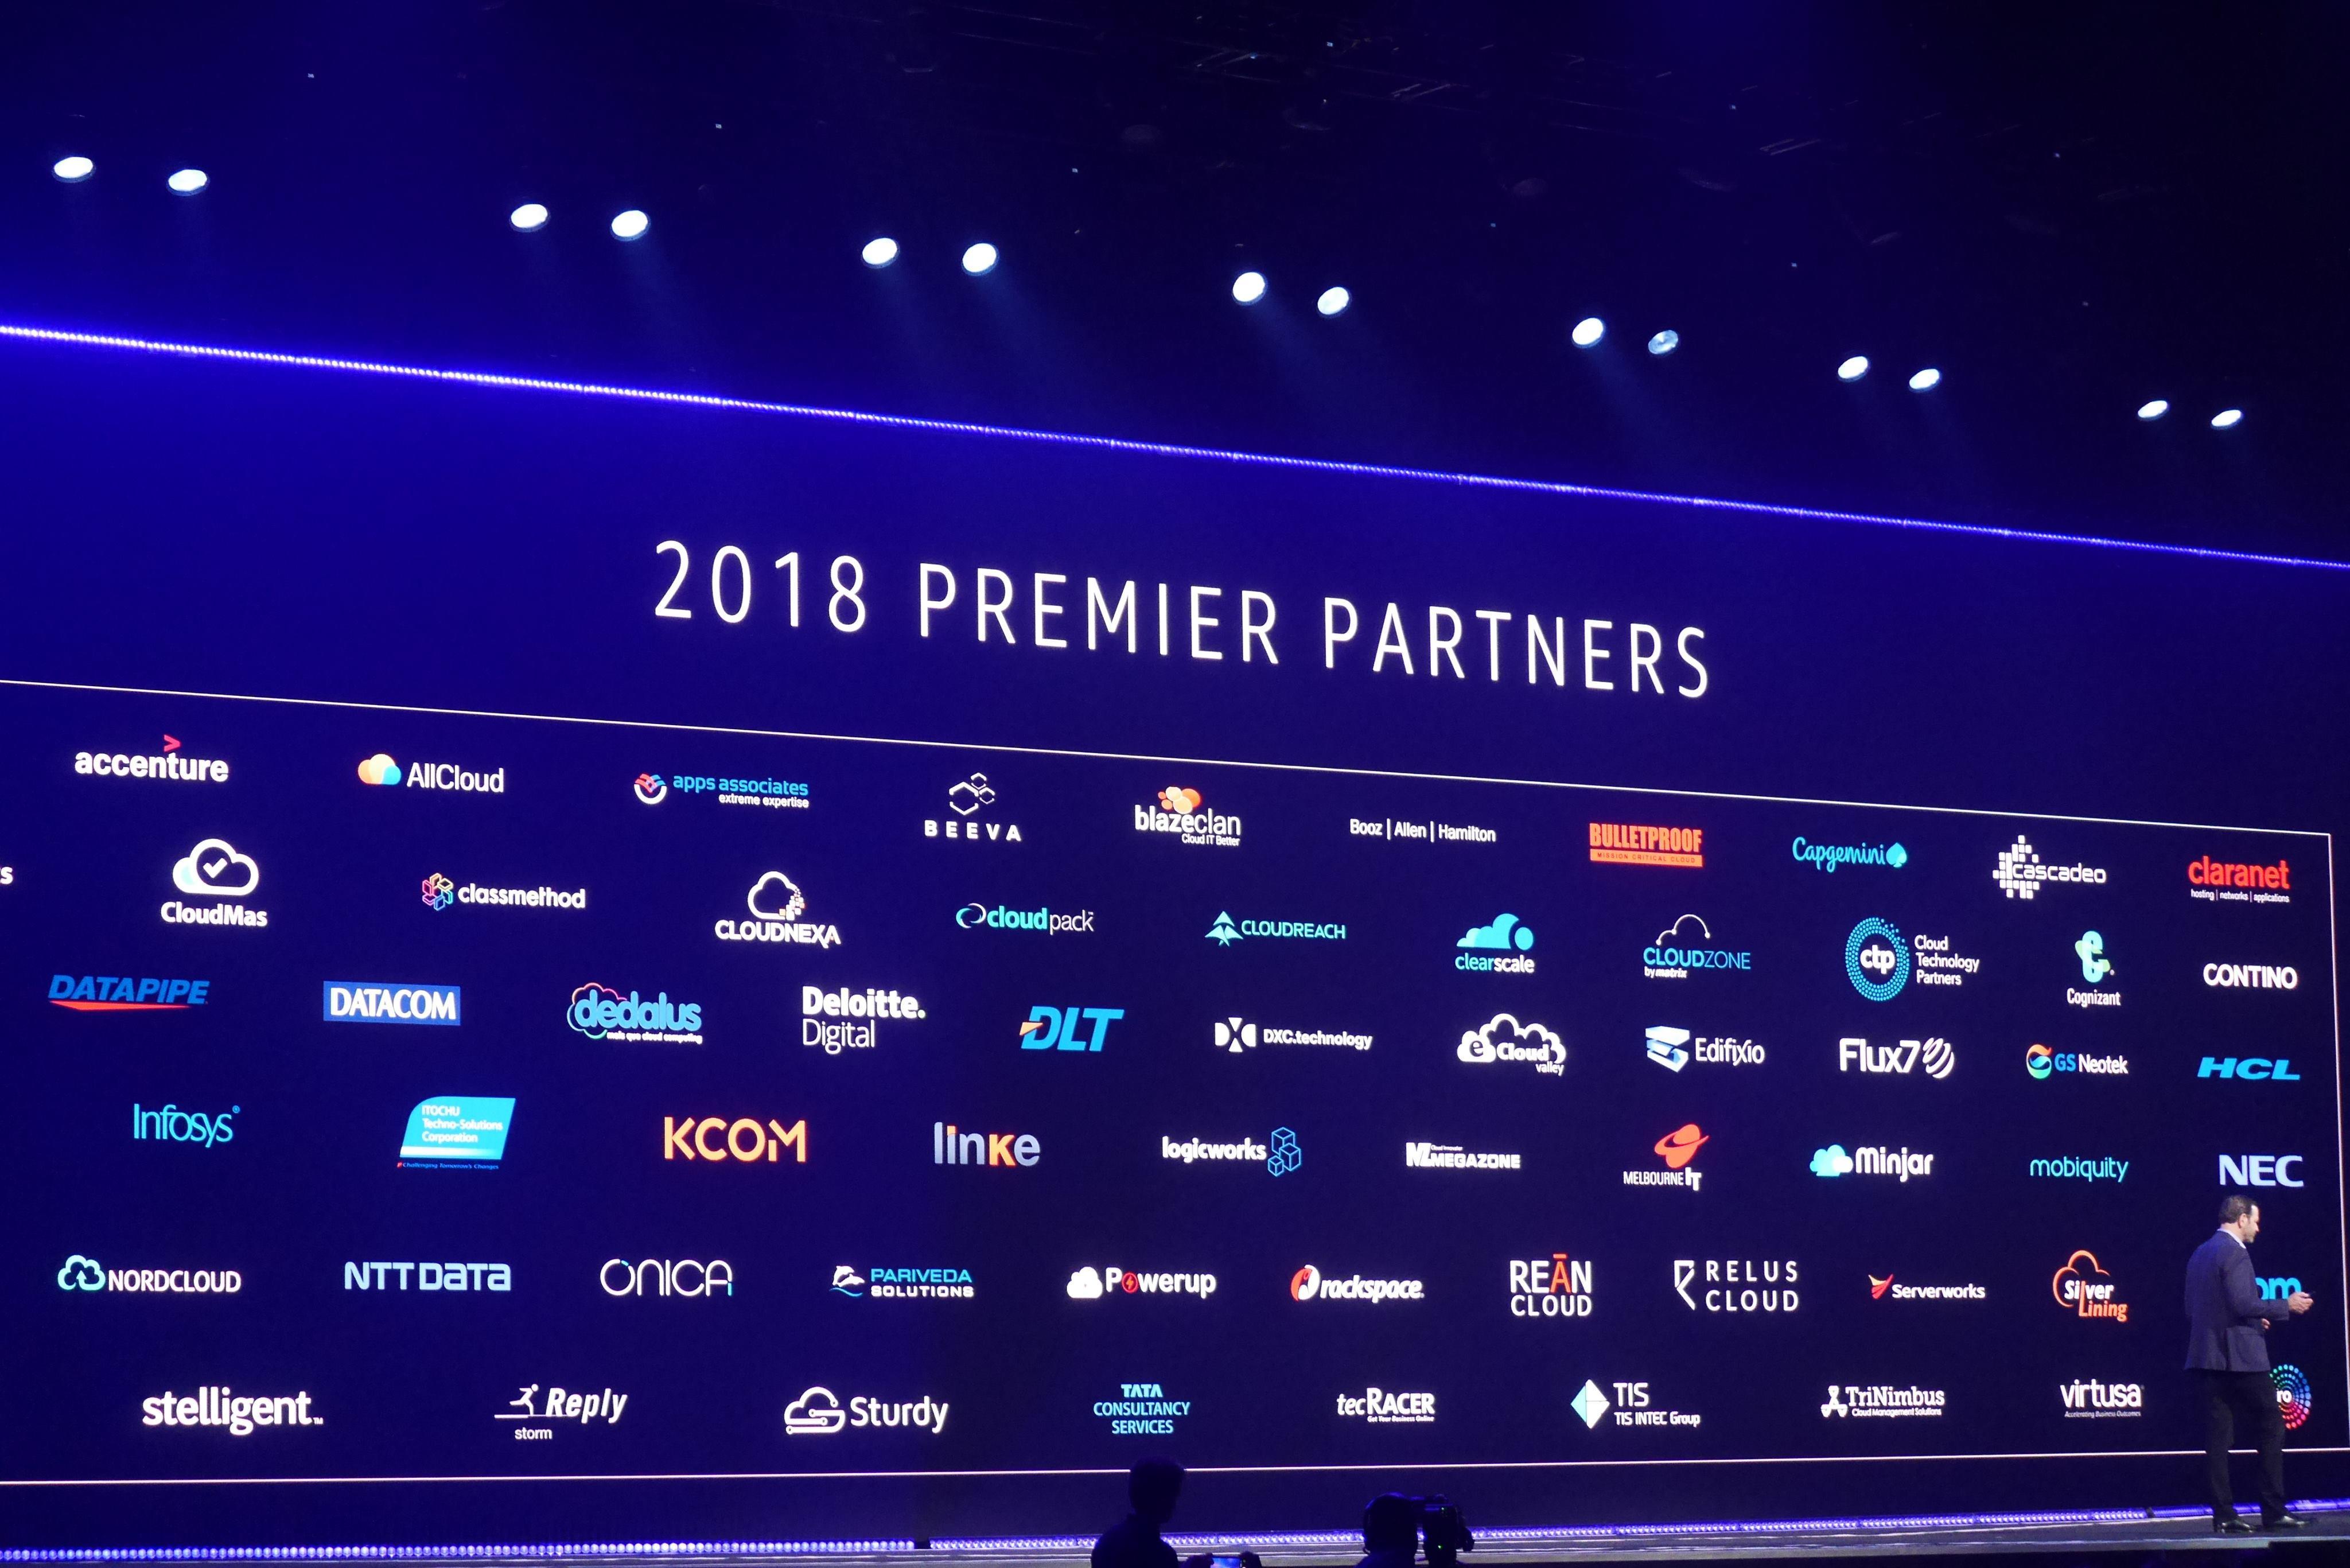 【プレスリリース】サーバーワークス、AWSパートナー制度の最上位であるAPNプレミアコンサルティングパートナーに4年連続で選定